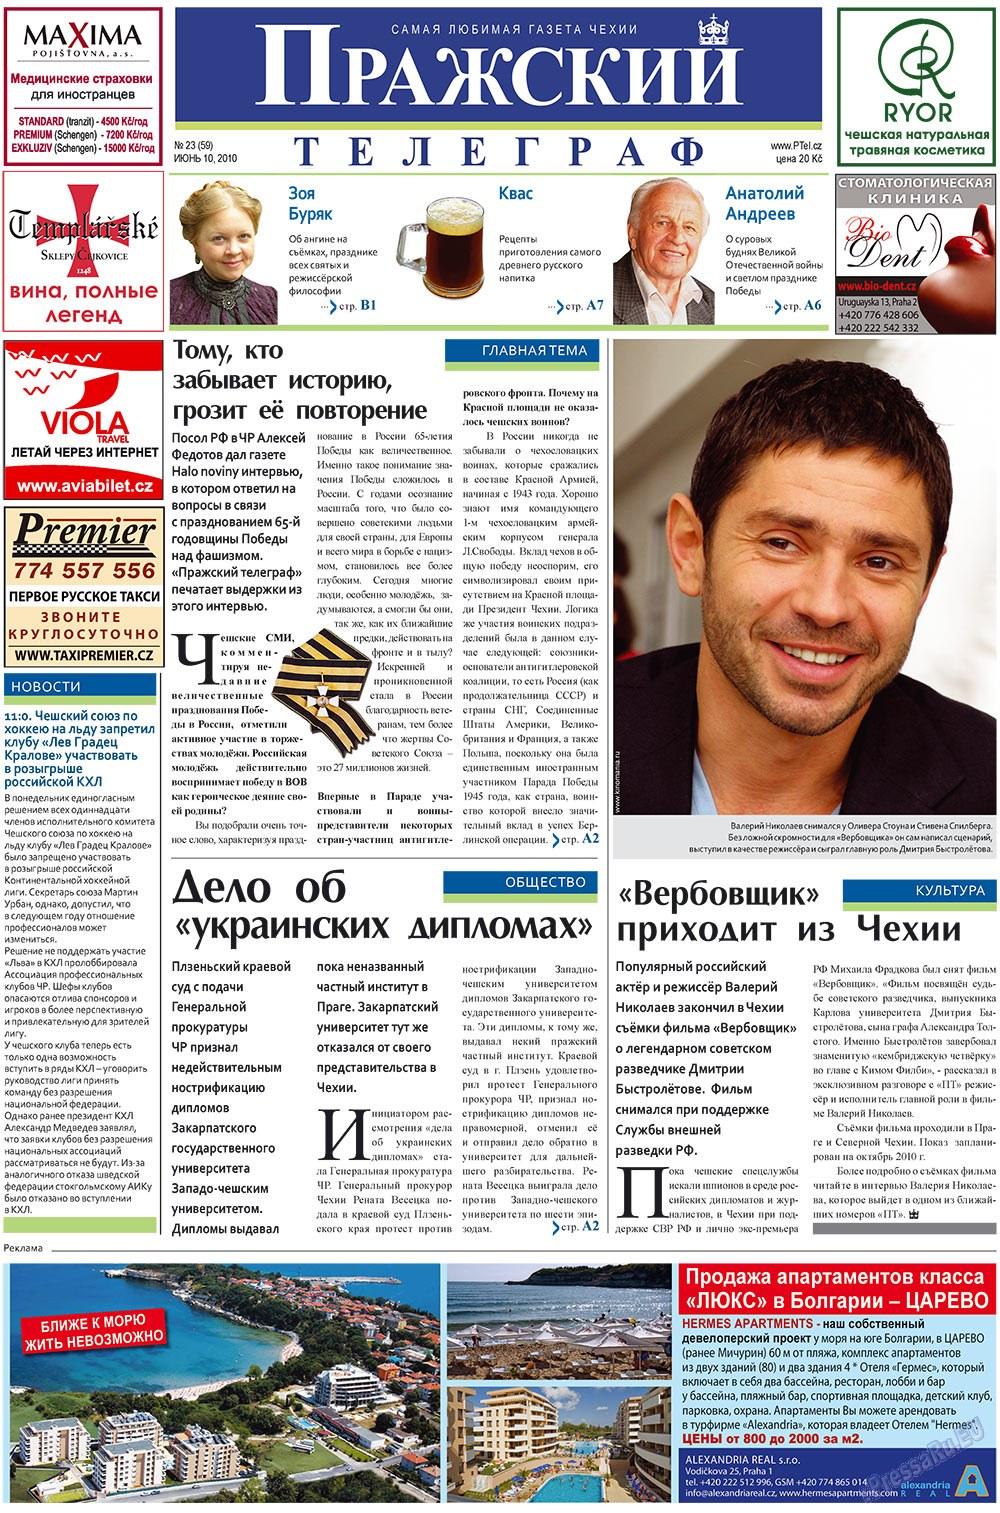 Пражский телеграф (газета). 2010 год, номер 23, стр. 1